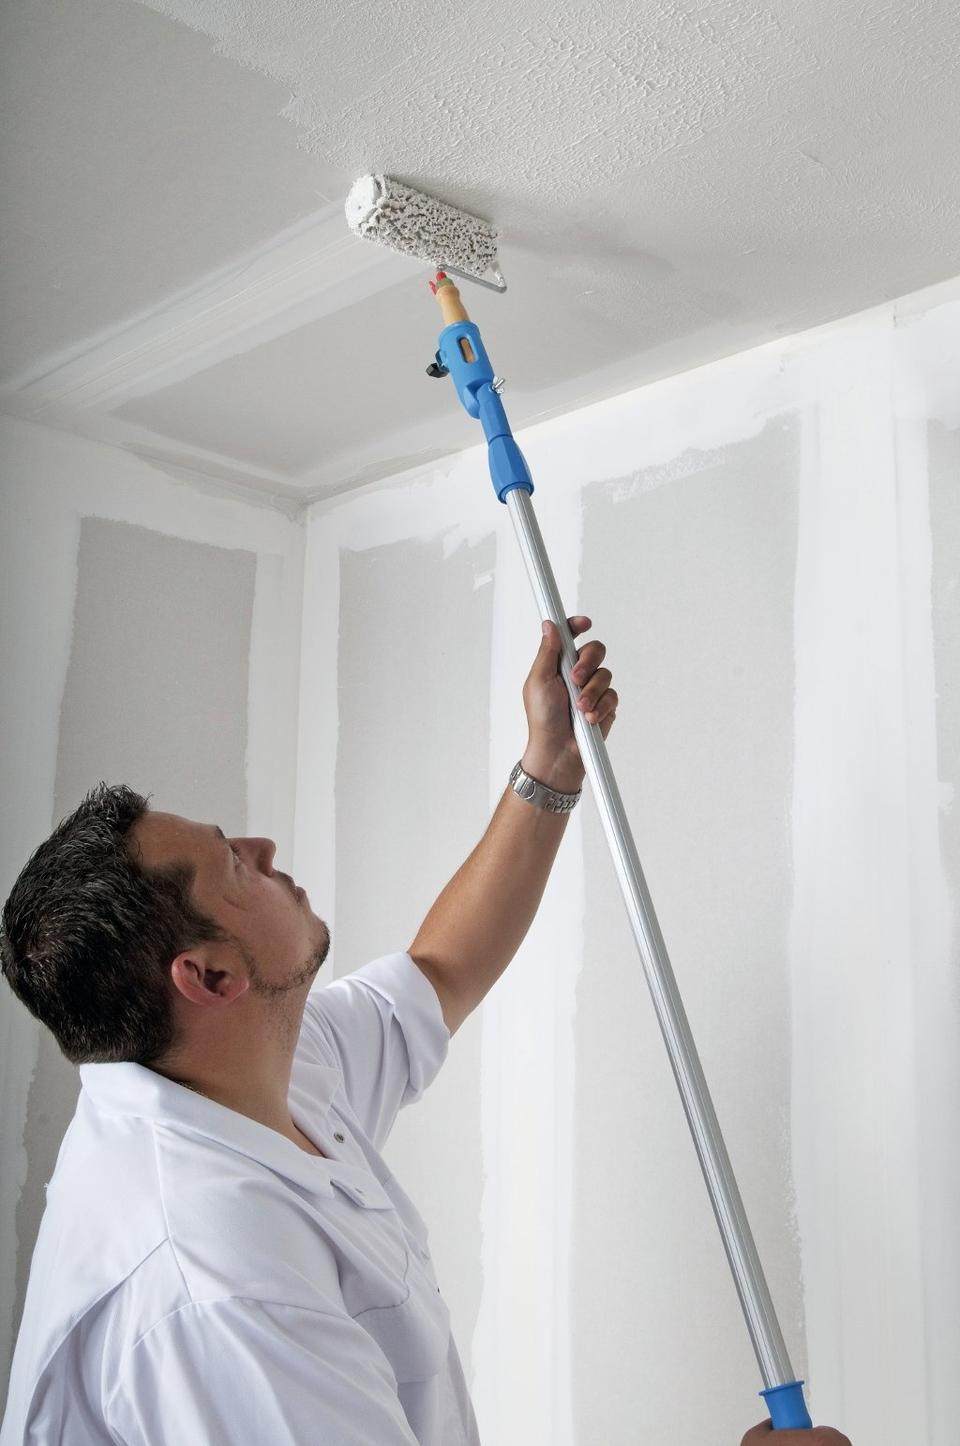 Les avantages du faux plafond for Travaux faux plafond